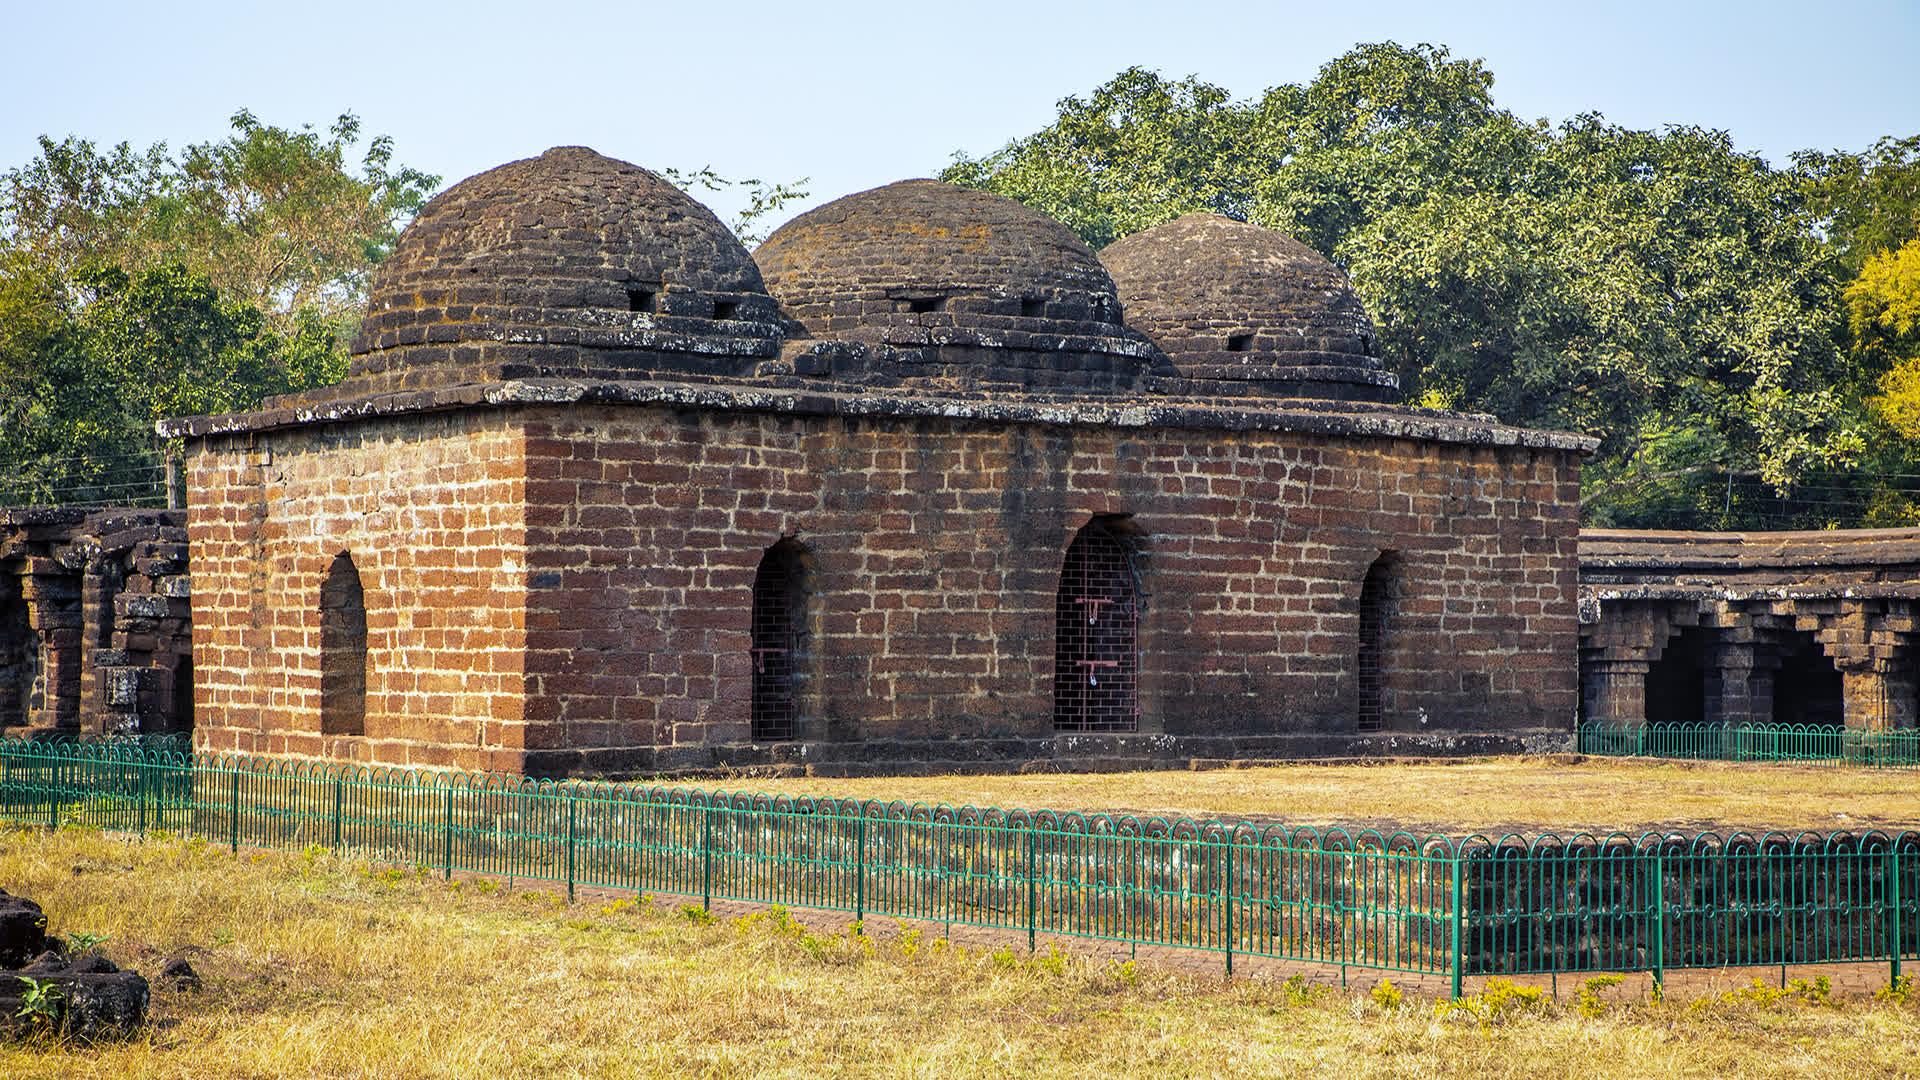 Kurumbera: The Fort That Never Was